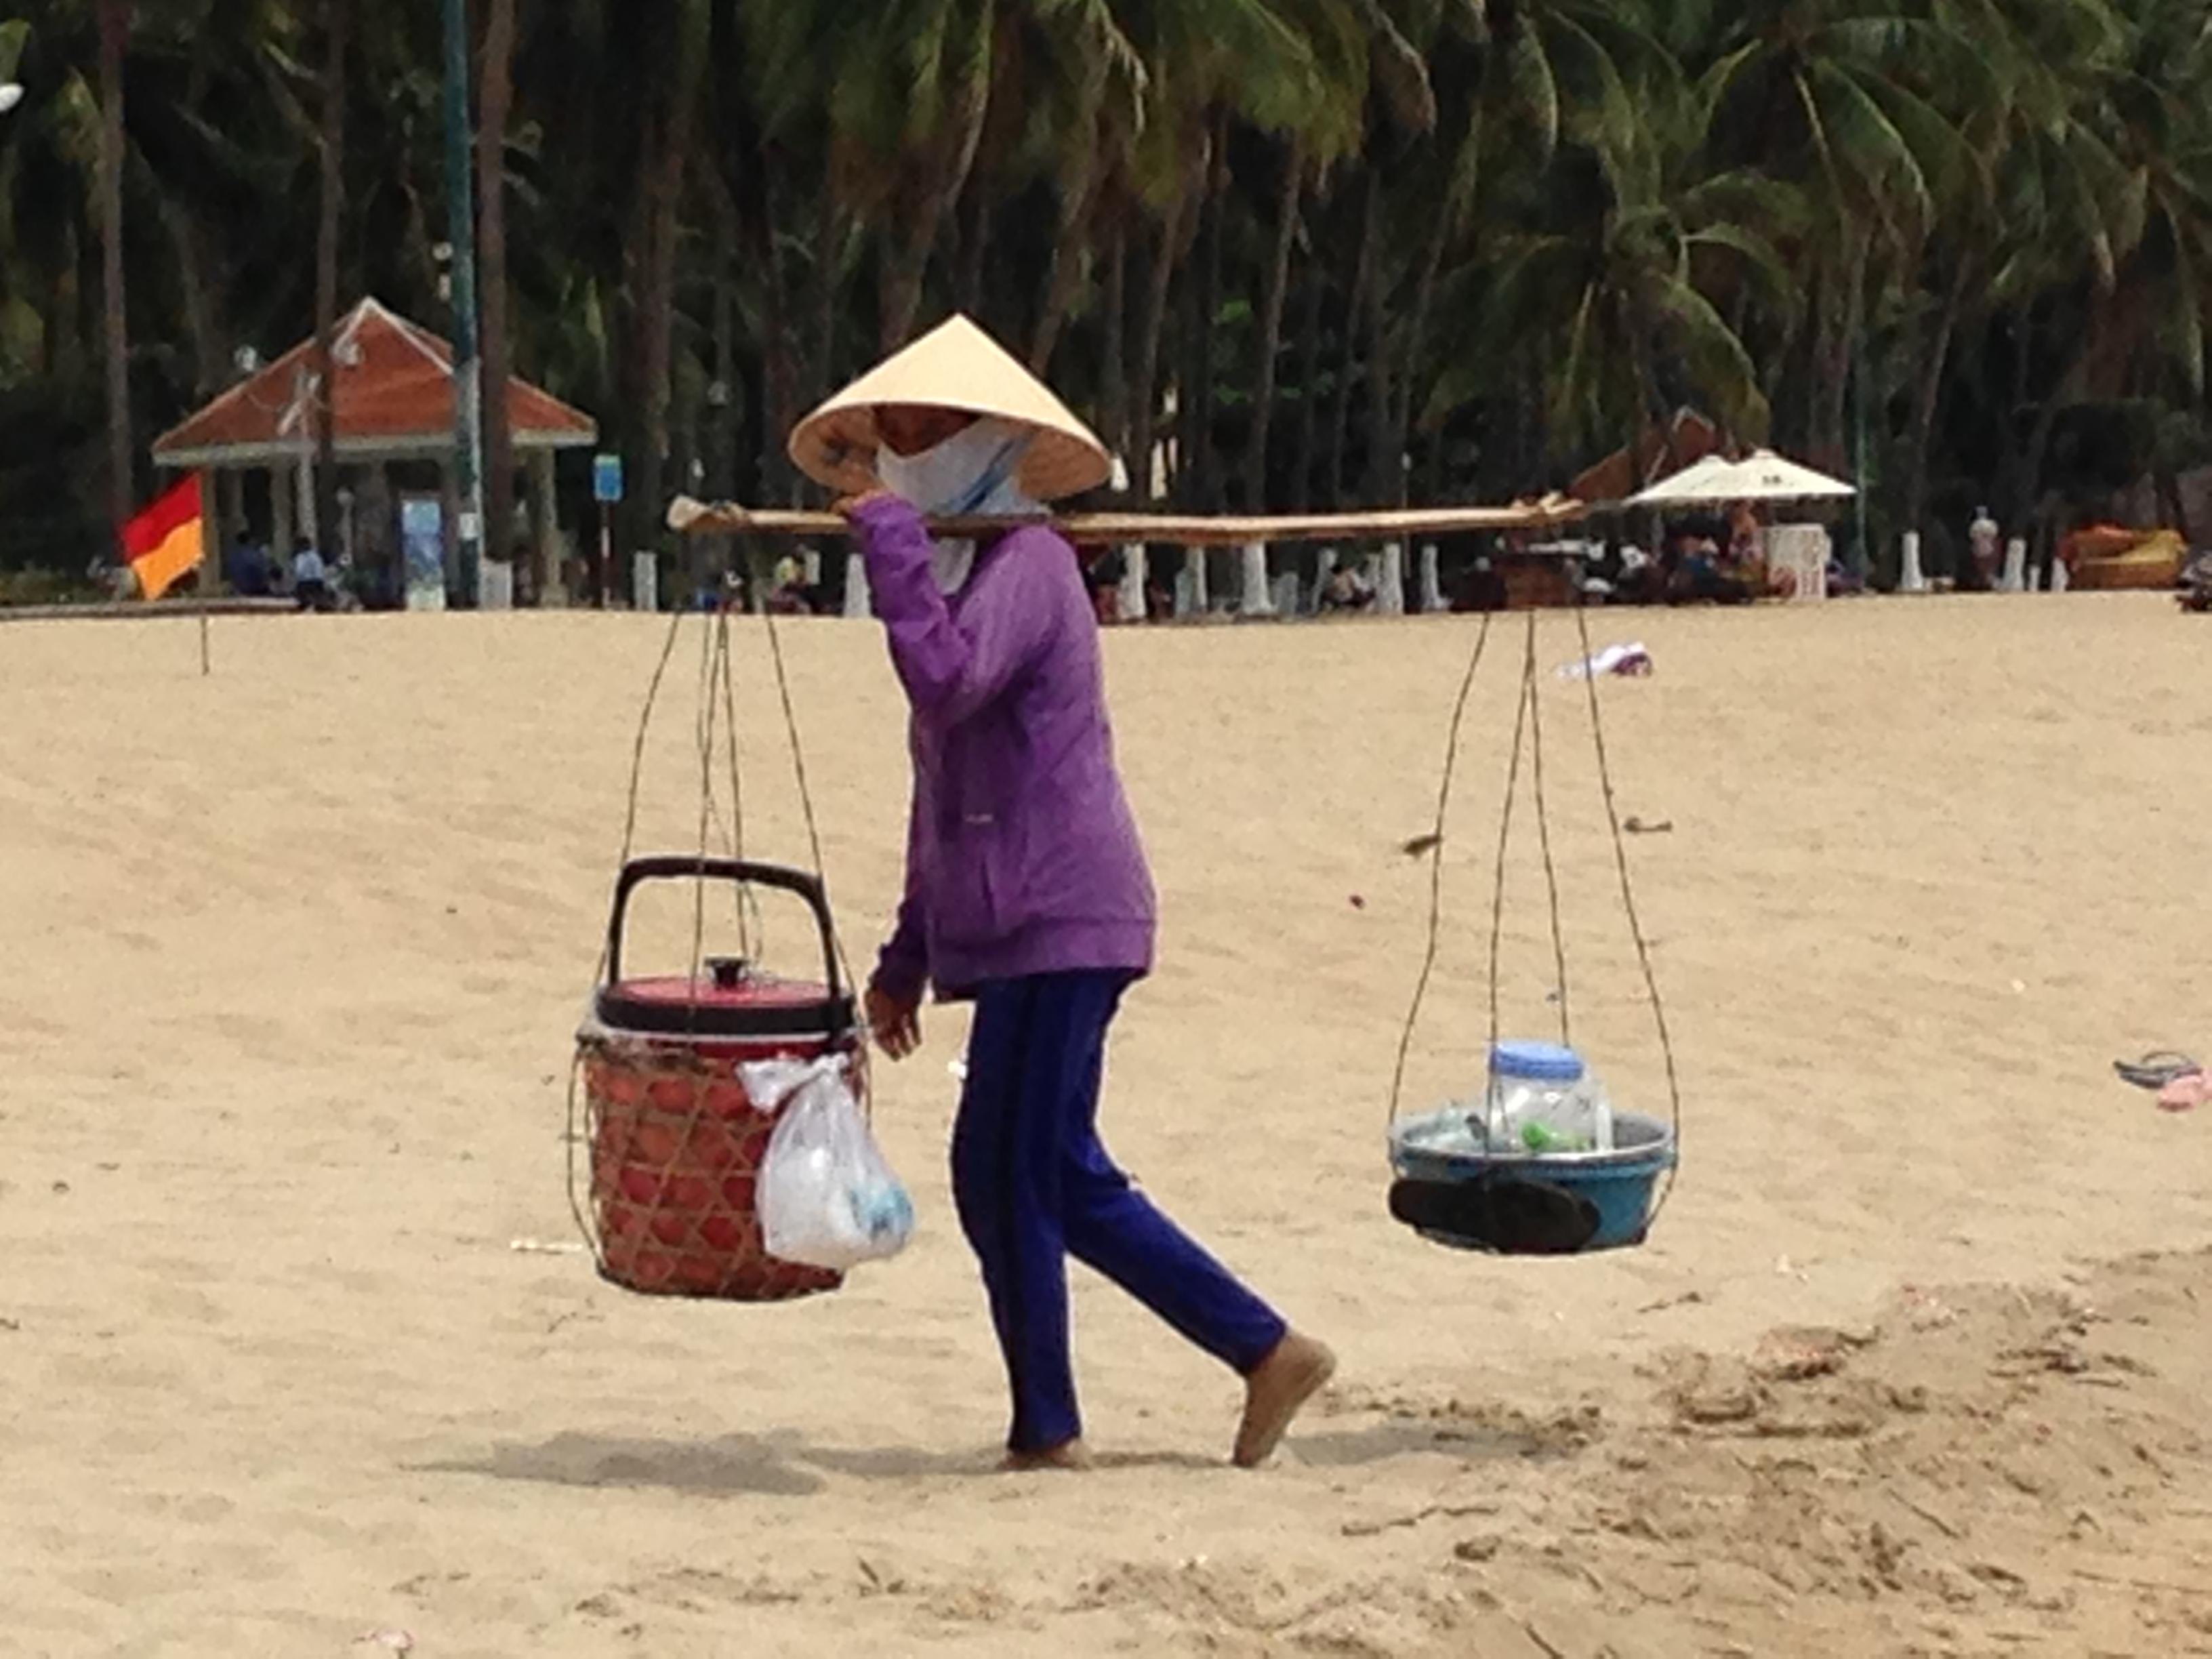 beach scenery...talking about balance